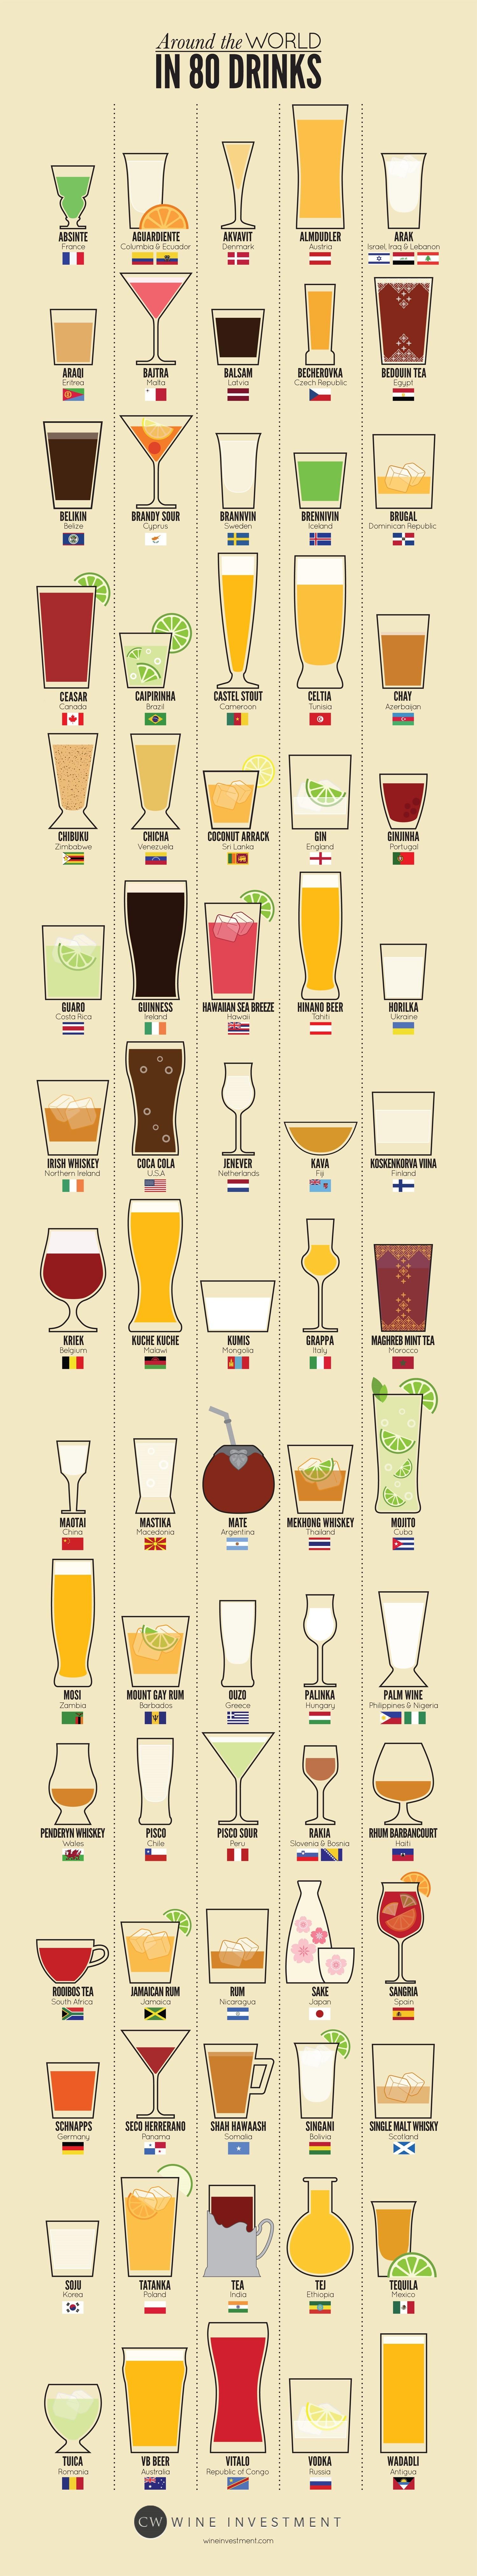 Le tour du monde en boisson [infographie]